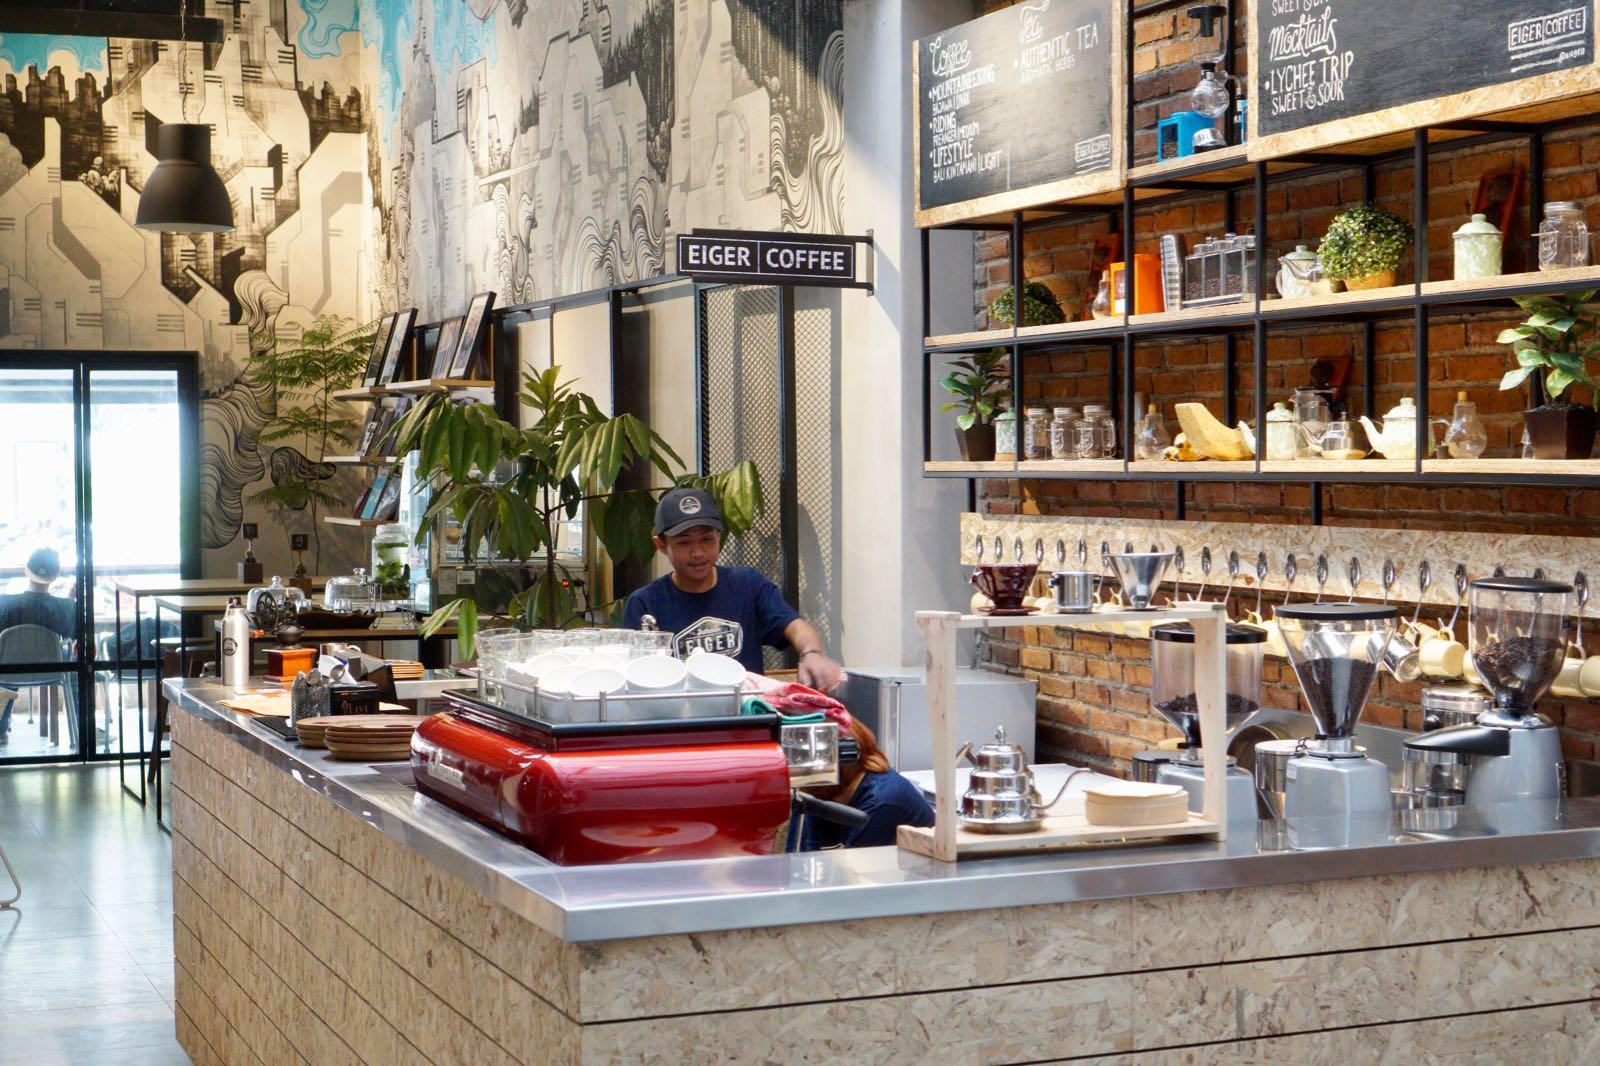 Coffee bar Eiger coffee